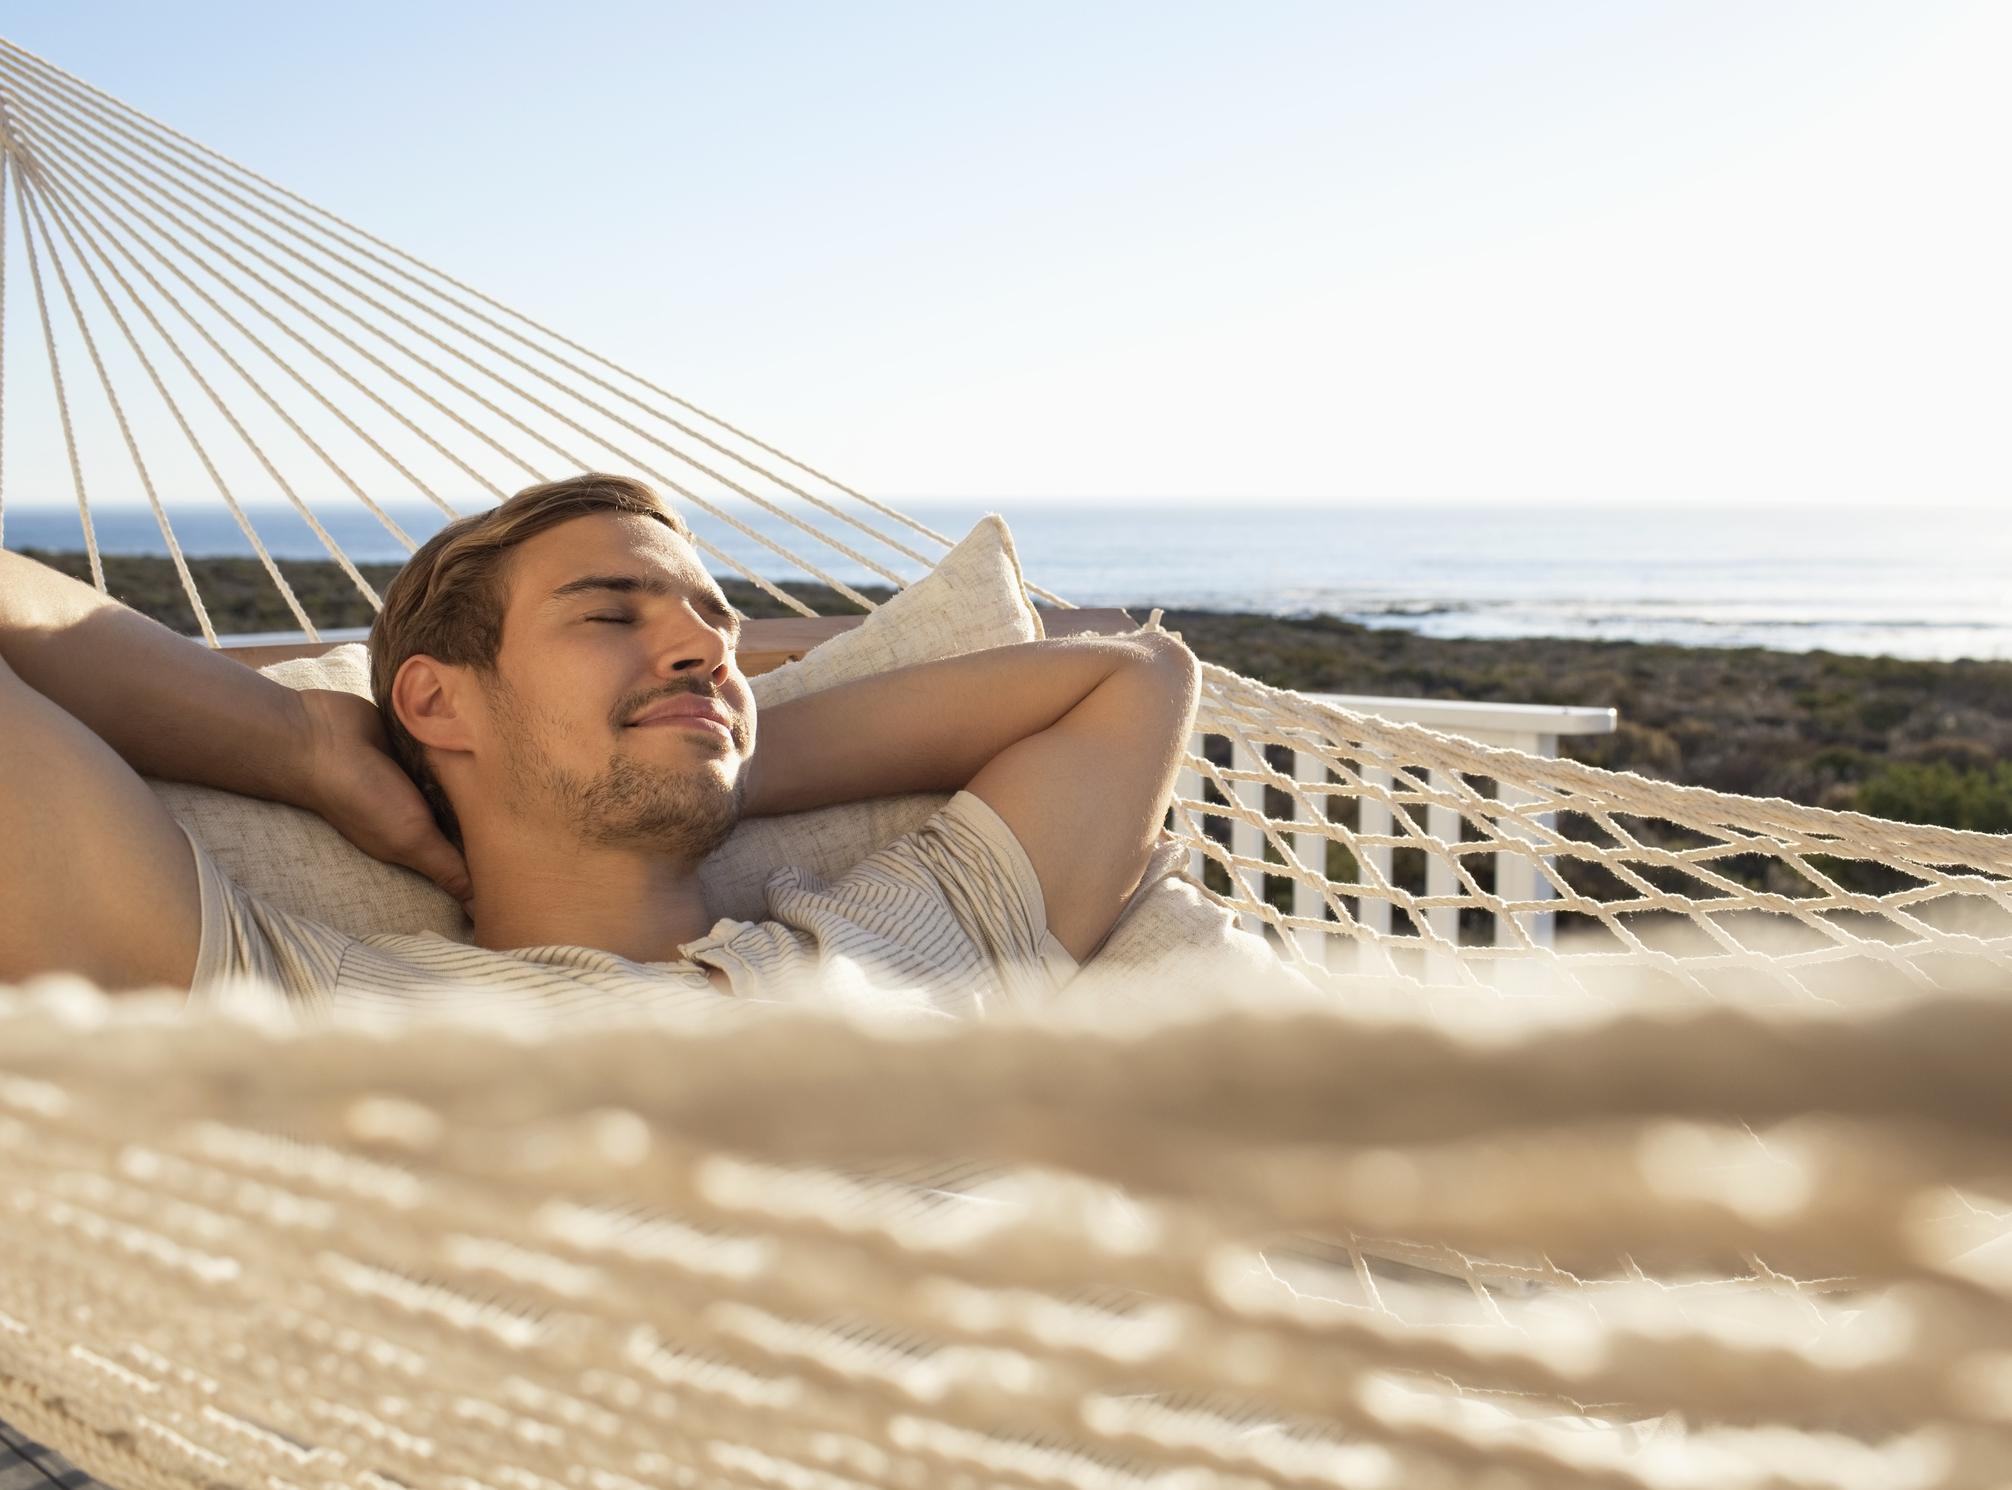 Man sleeping in hammock.